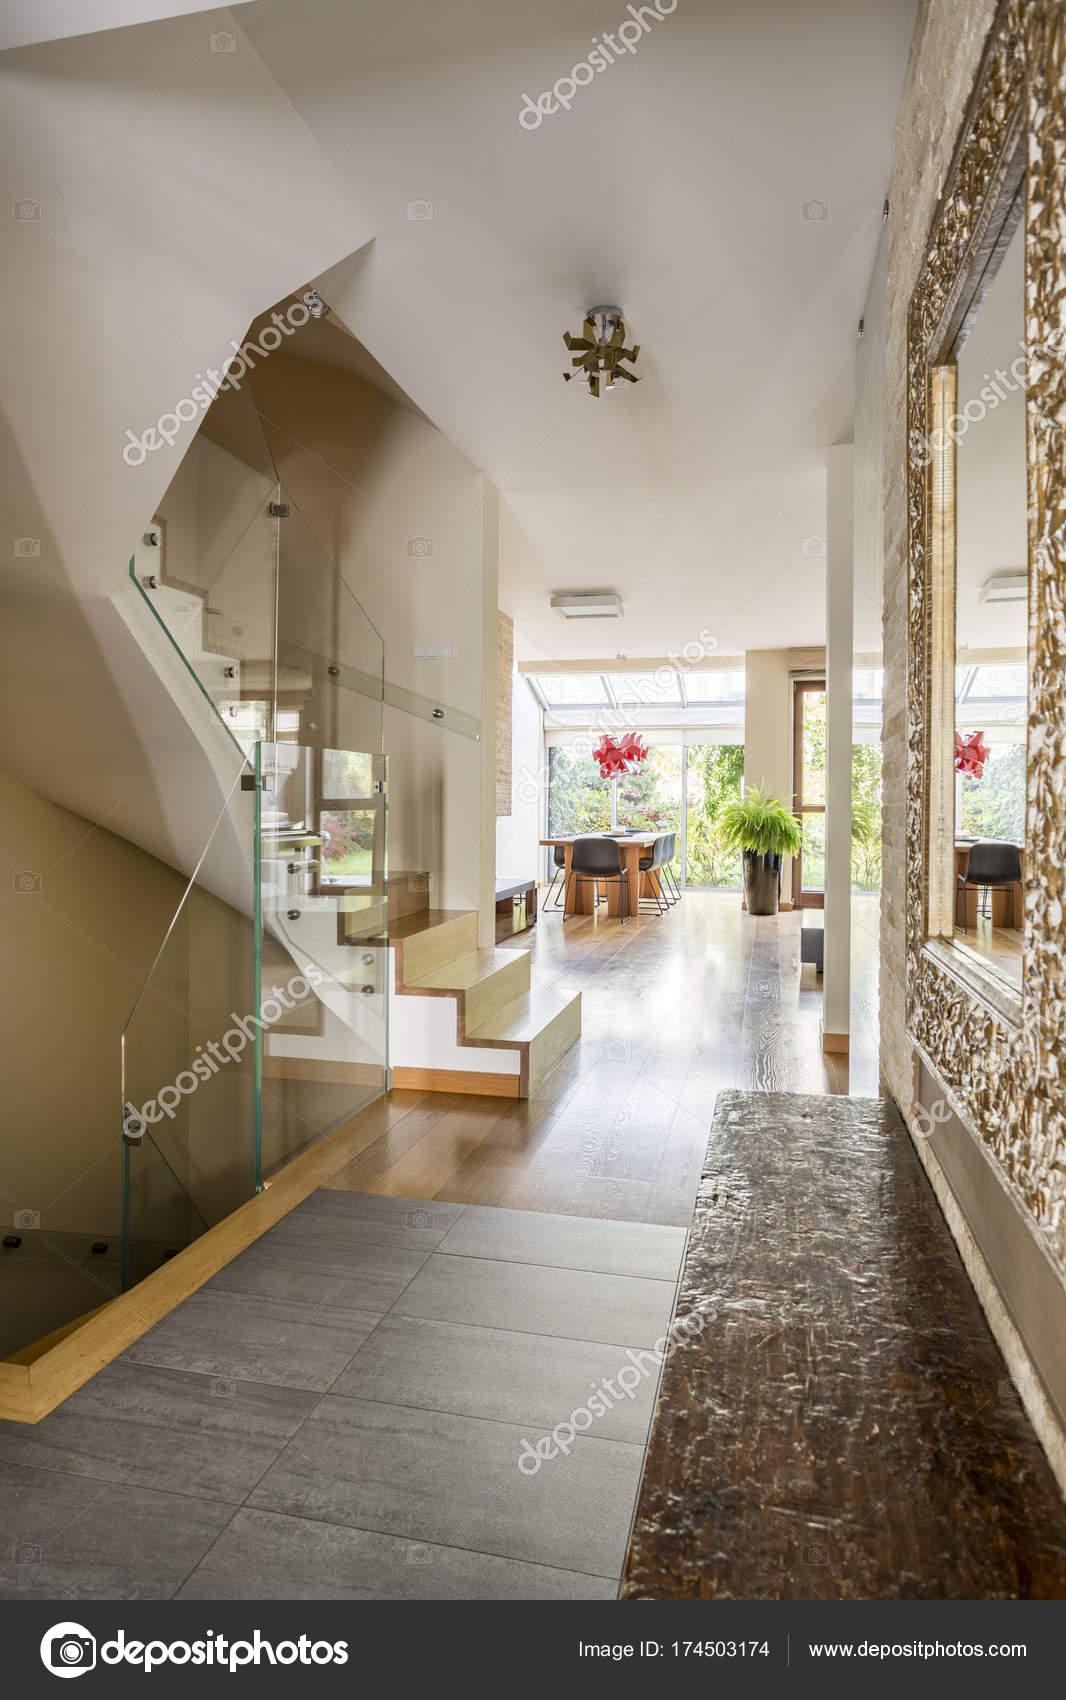 Hall d entr e dans maison luxueuse photographie 174503174 - Hall d entree maison photos ...